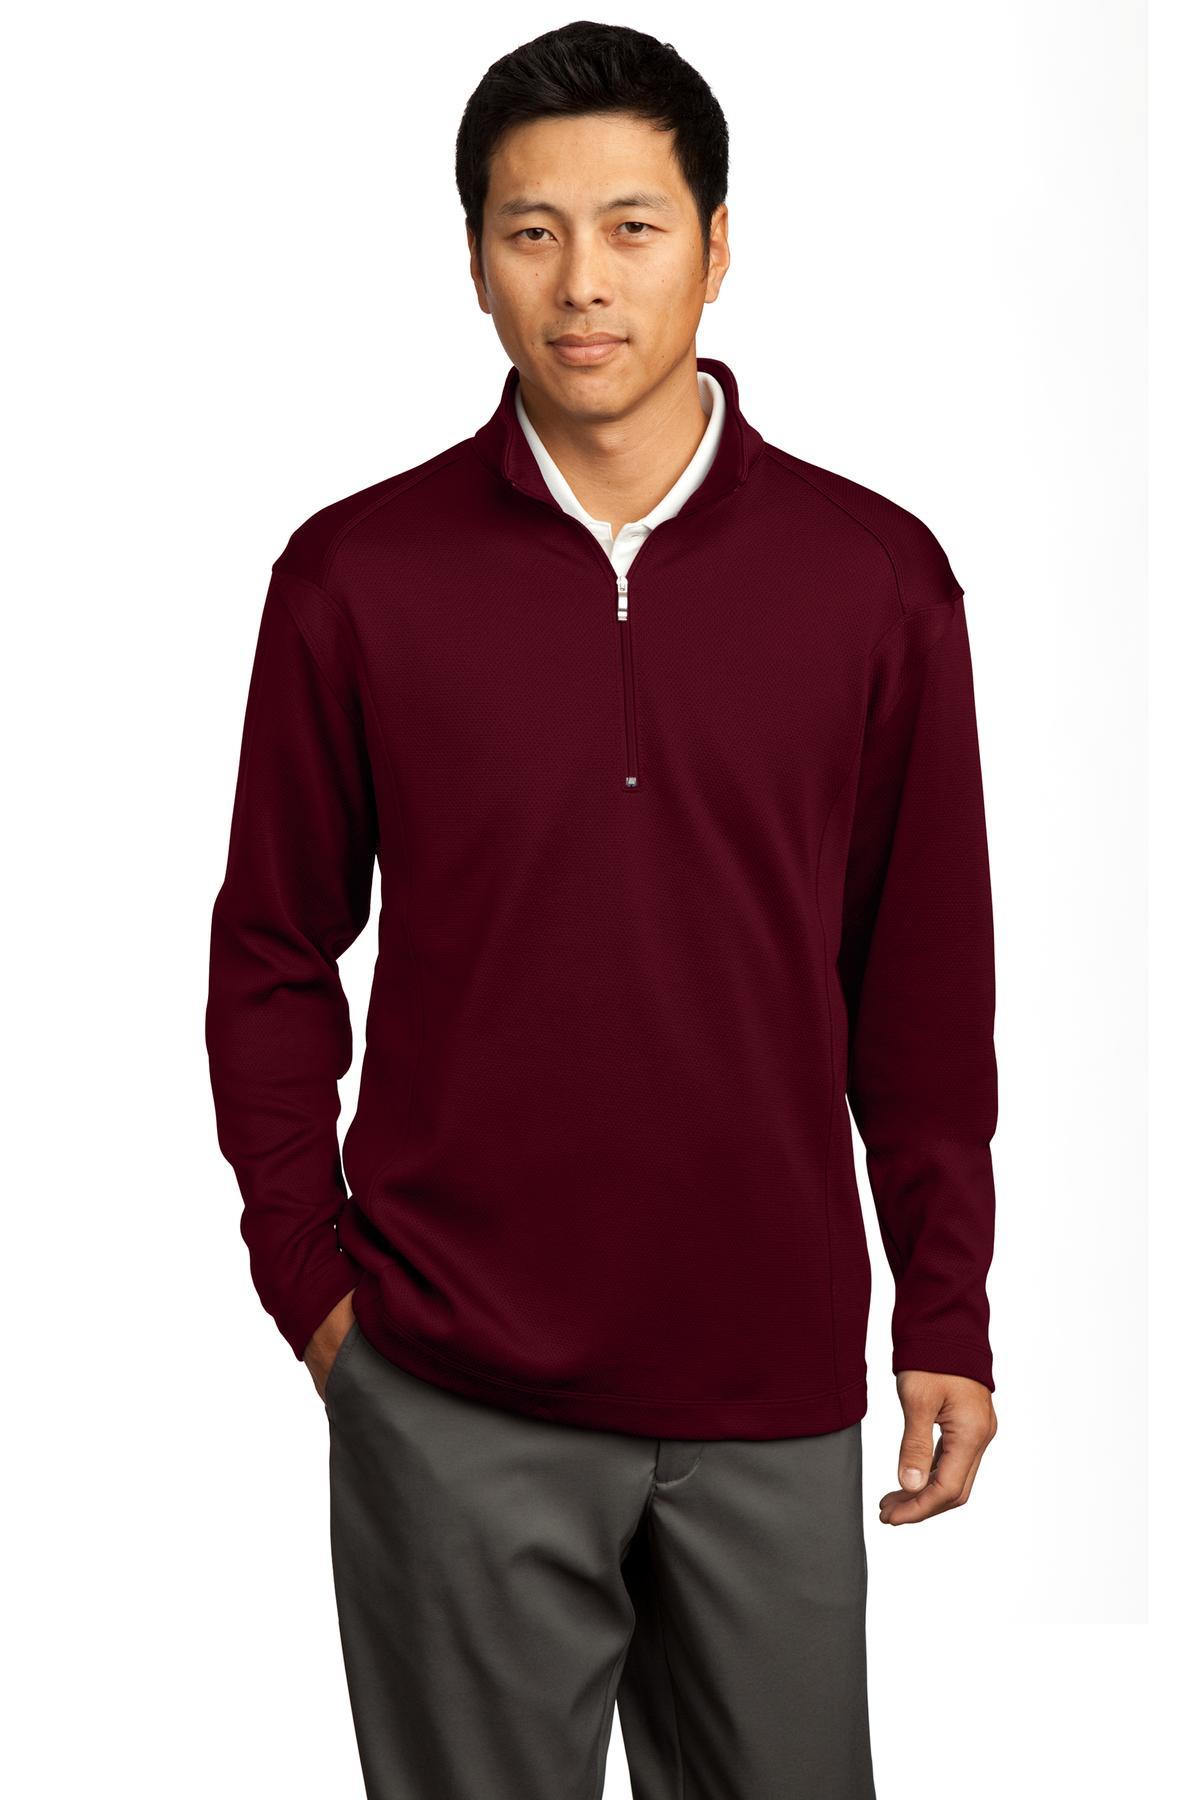 Outerwear-Polyester-Fleece-3